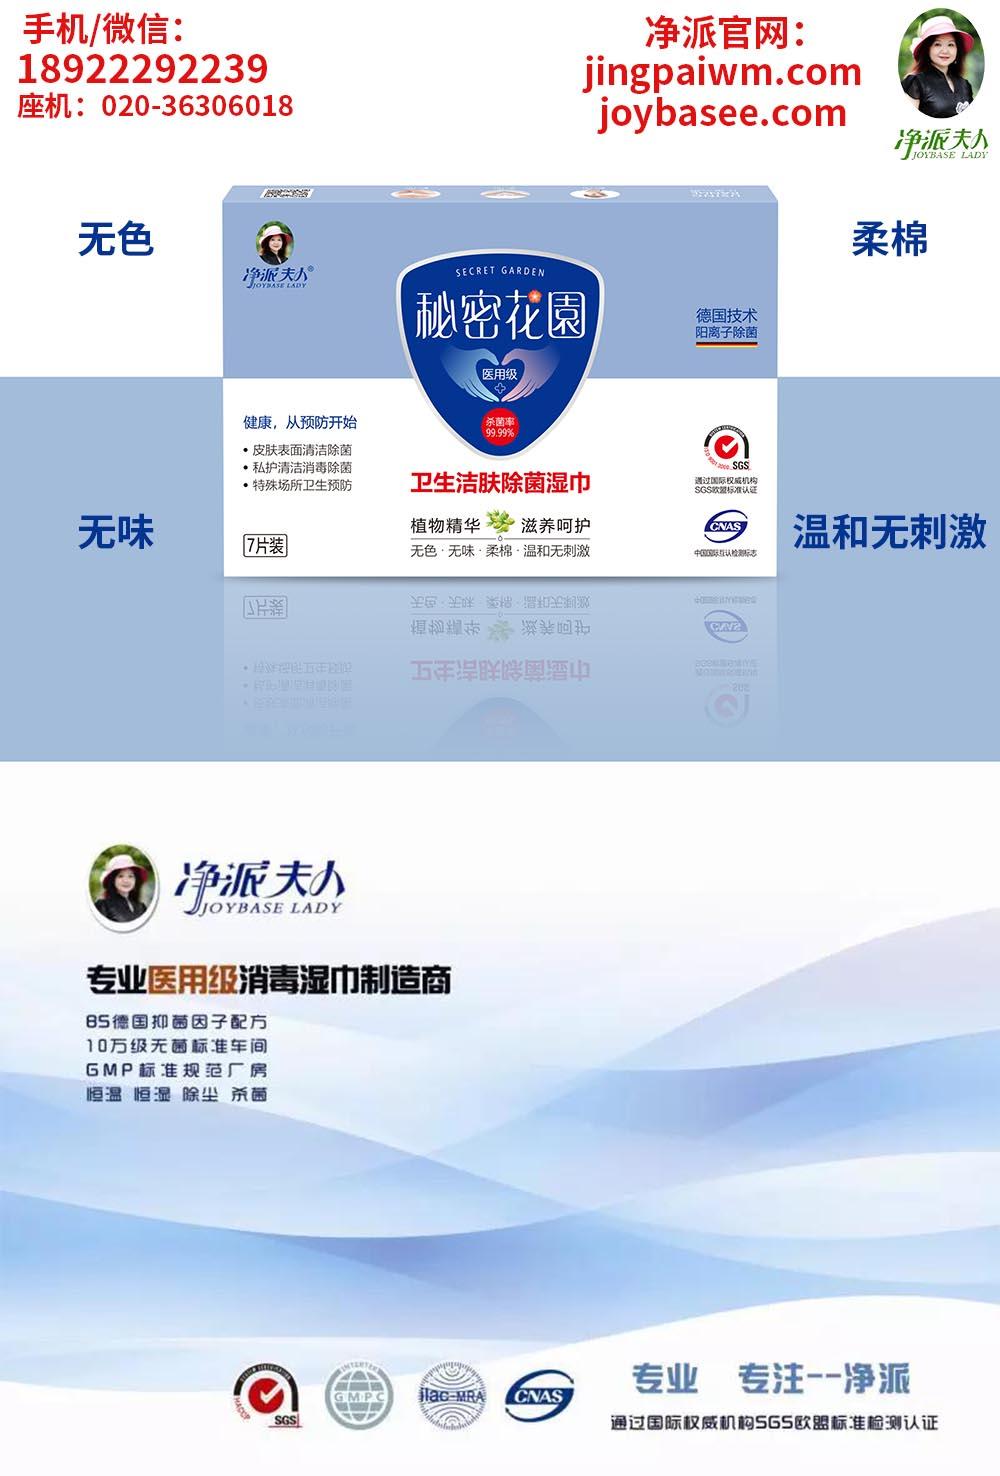 一次性清洁消毒医用级卫生湿巾,广州哪里买品质良好的医用物表消毒除菌湿巾